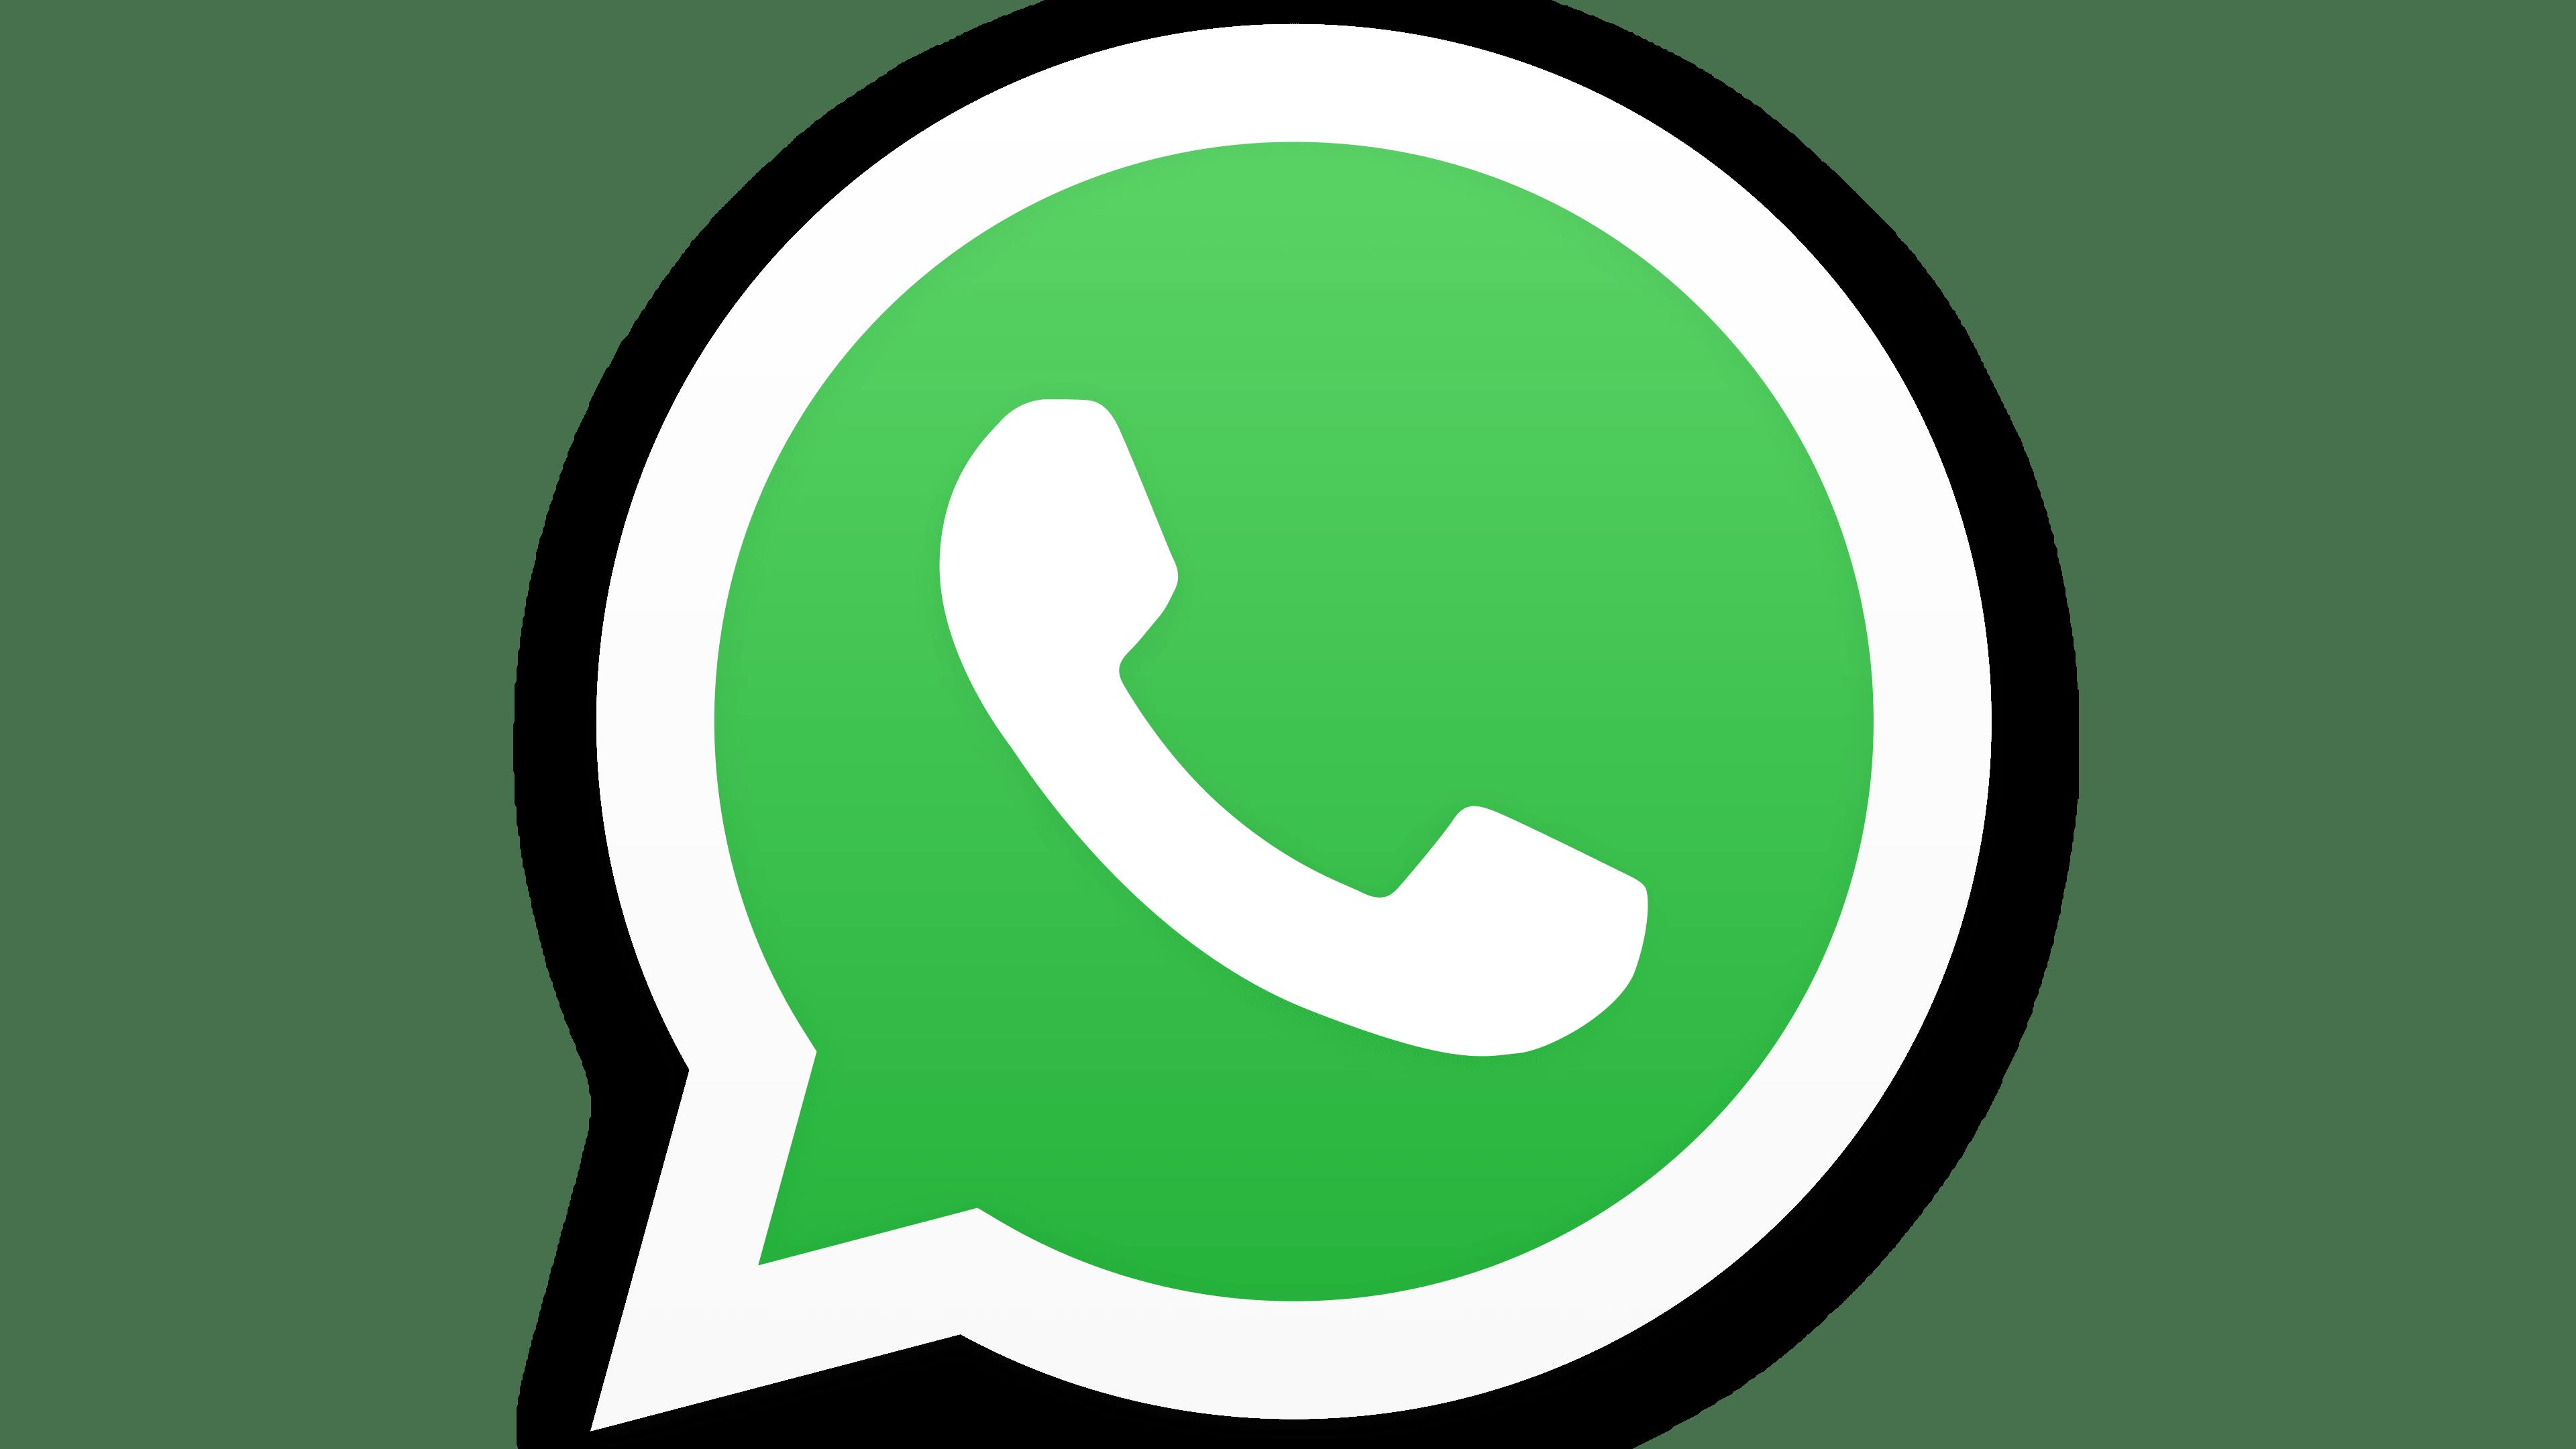 WhatsApp Logo | Storia e significato dell'emblema del marchio